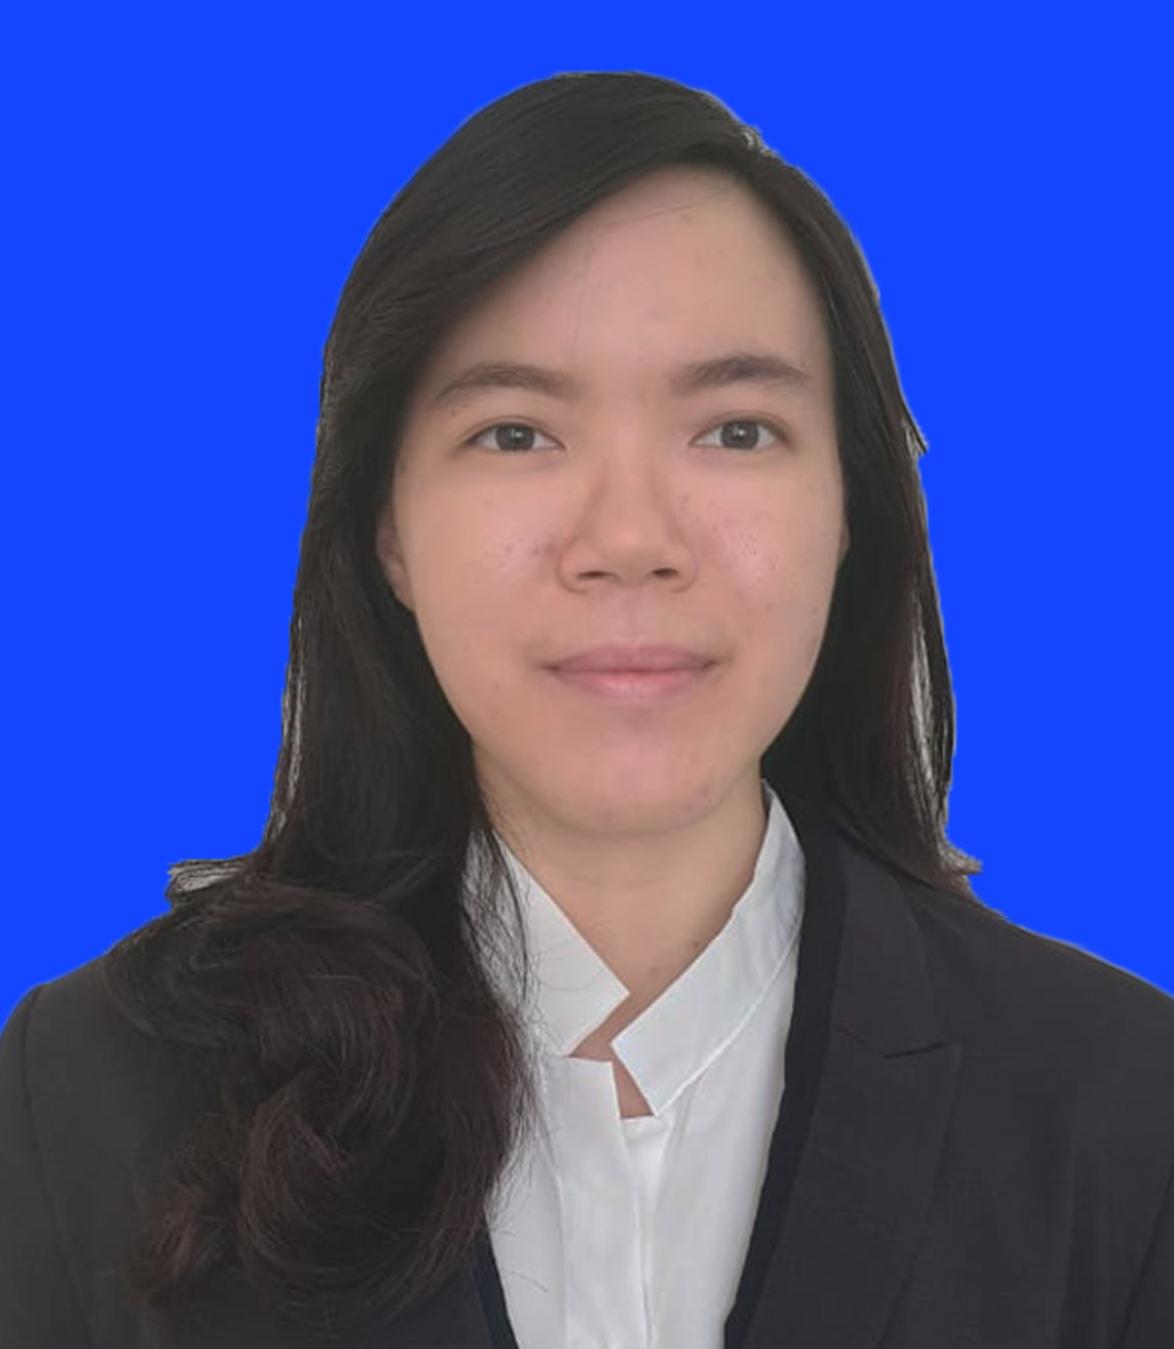 Angelia Tryphena